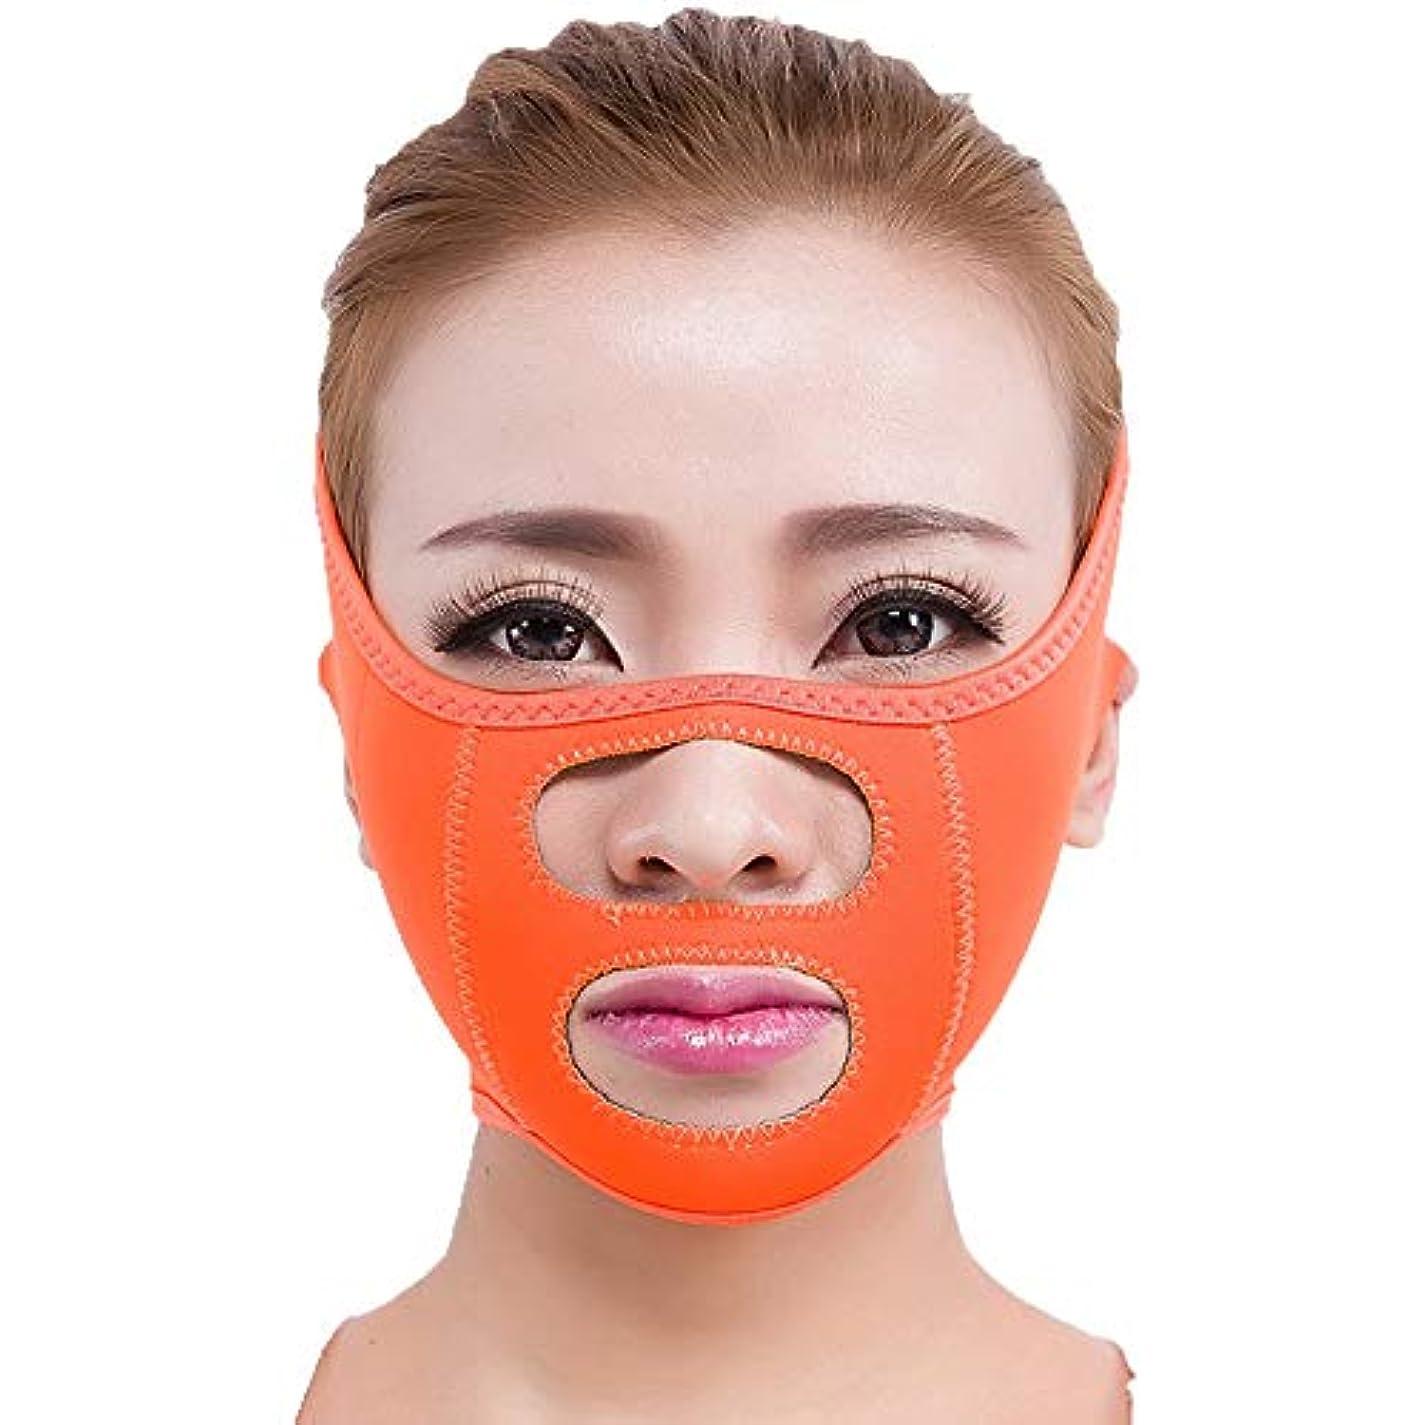 二重顎の圧力低下装置、睡眠薄い顔のベルト小さなvの顔の器械の包帯マスク持ち上げる顔のステッカー,Orange